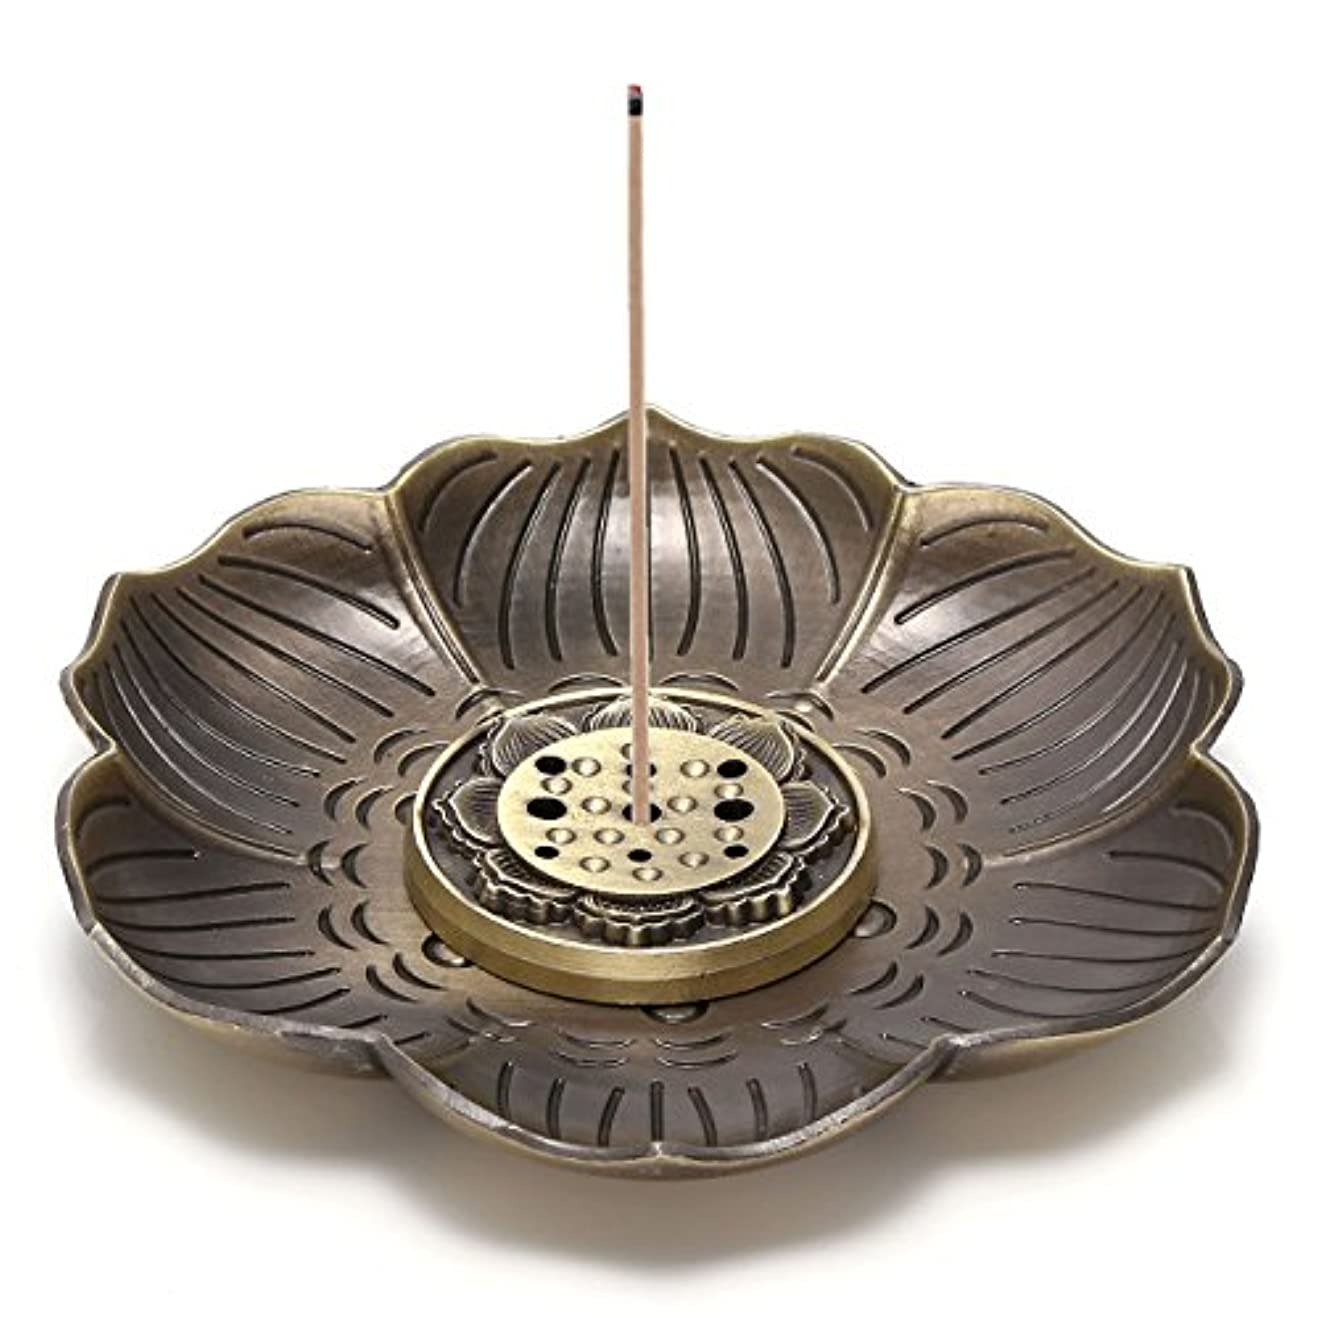 ヒゲ光のメガロポリスJovivi真鍮Incense Holder – Lotus Stick Incense Burner and Cone Incense逆流ホルダーwith Ashキャッチャー AJ101010100651